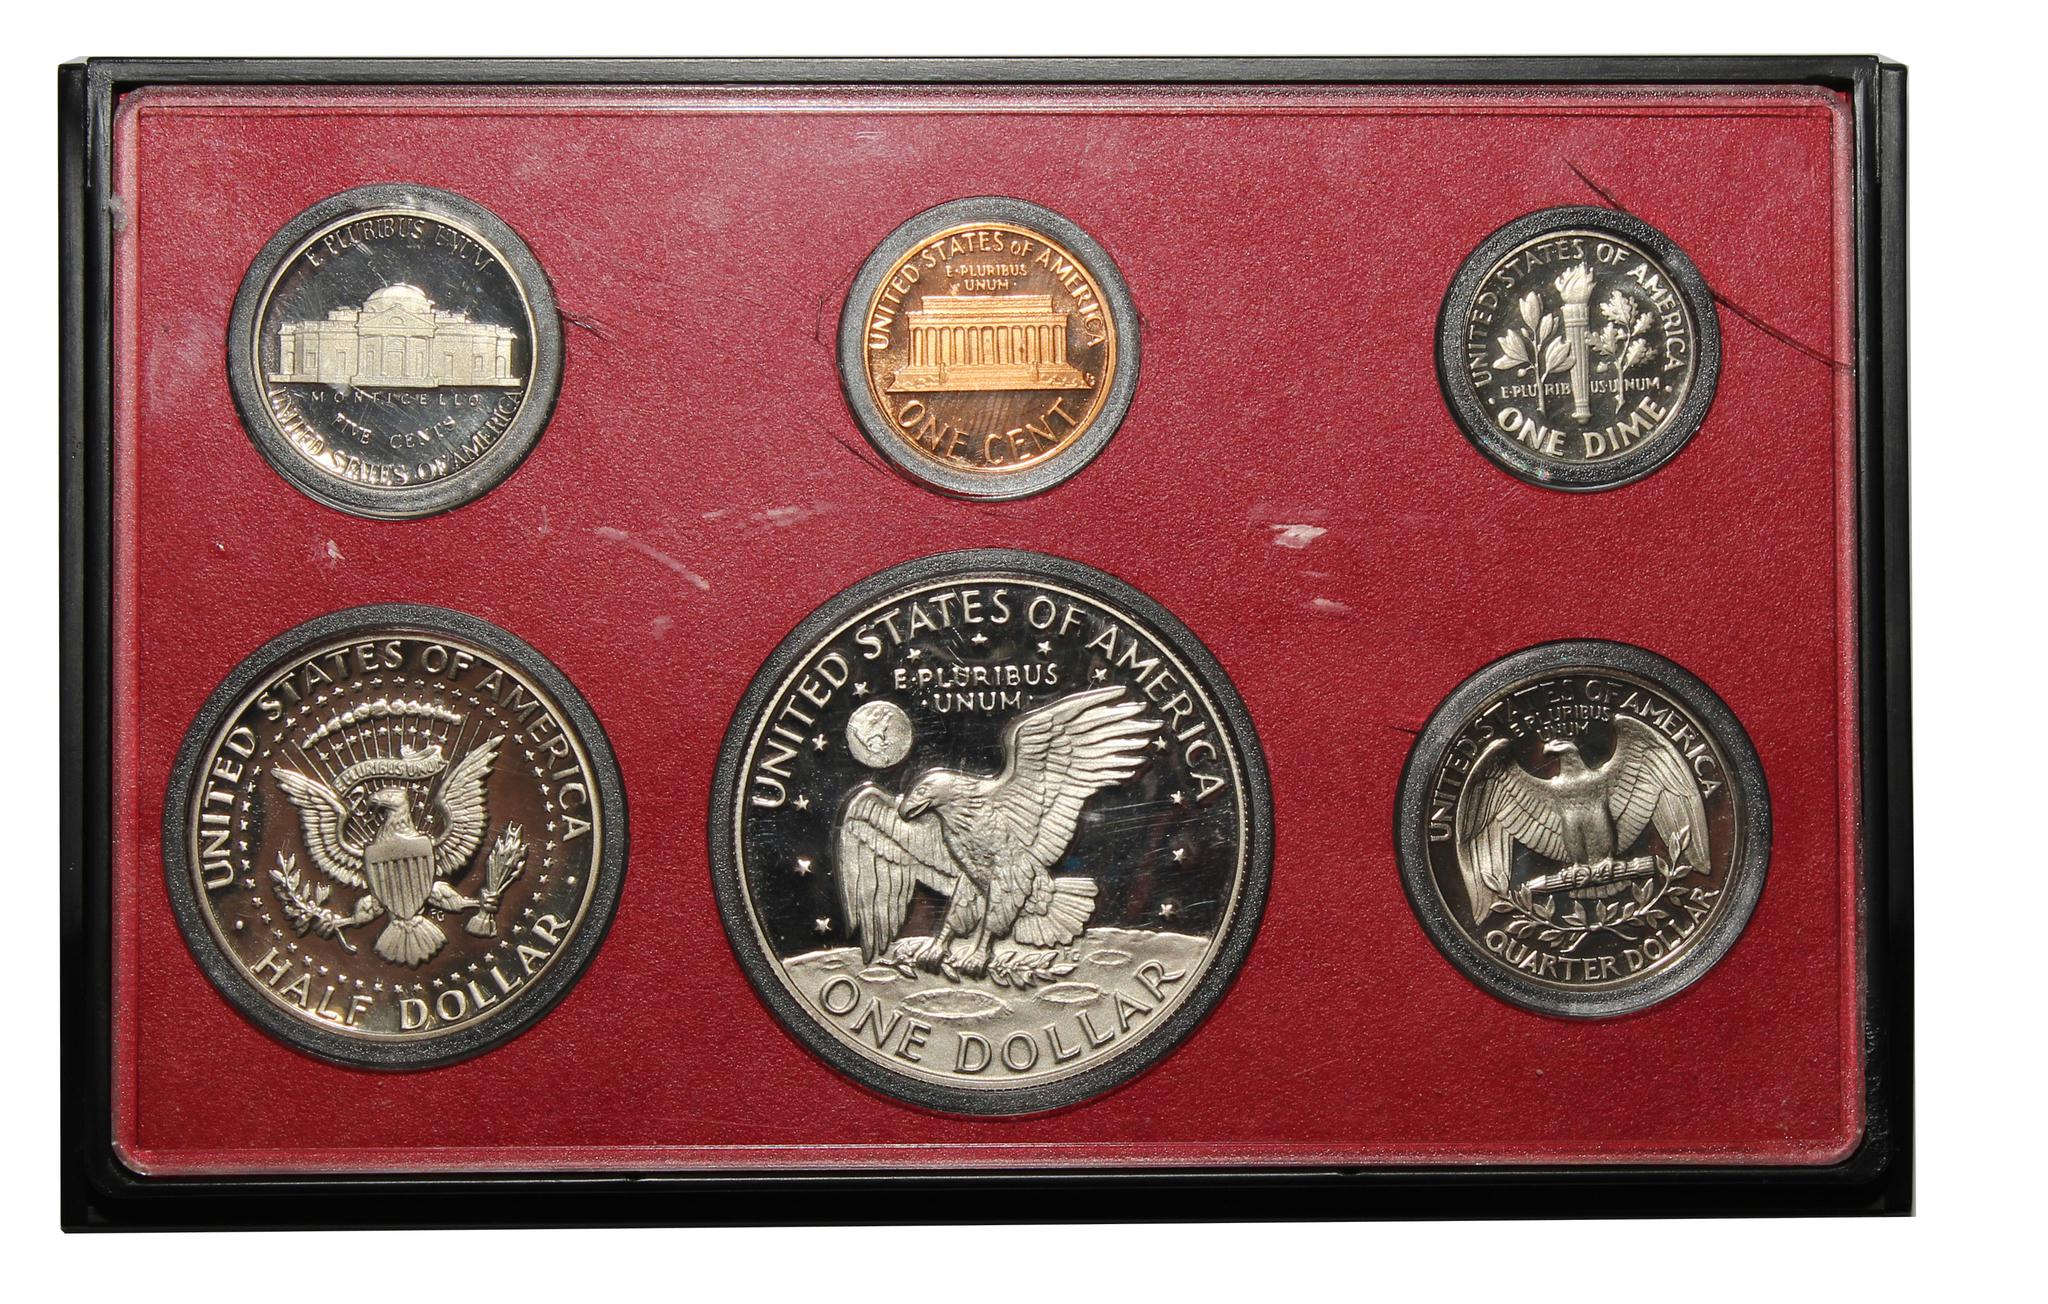 Годовой набор монет США 1978 год в футляре (1, 5, 10, 25, 50 центов; 1 доллар) (6 монет)